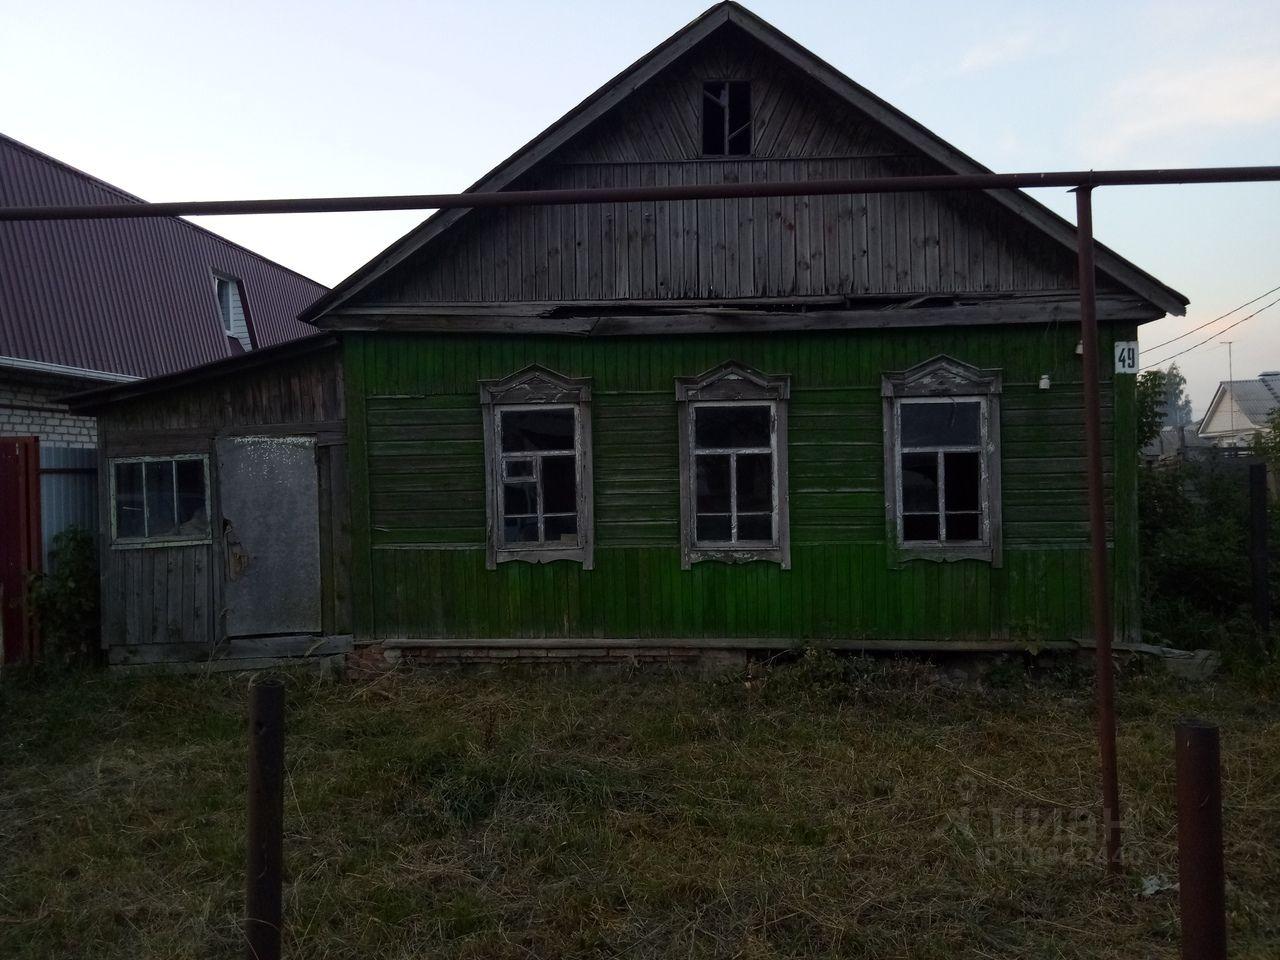 Предлагаем недорого купить дом с участком или выгодно продать его на realtymag.